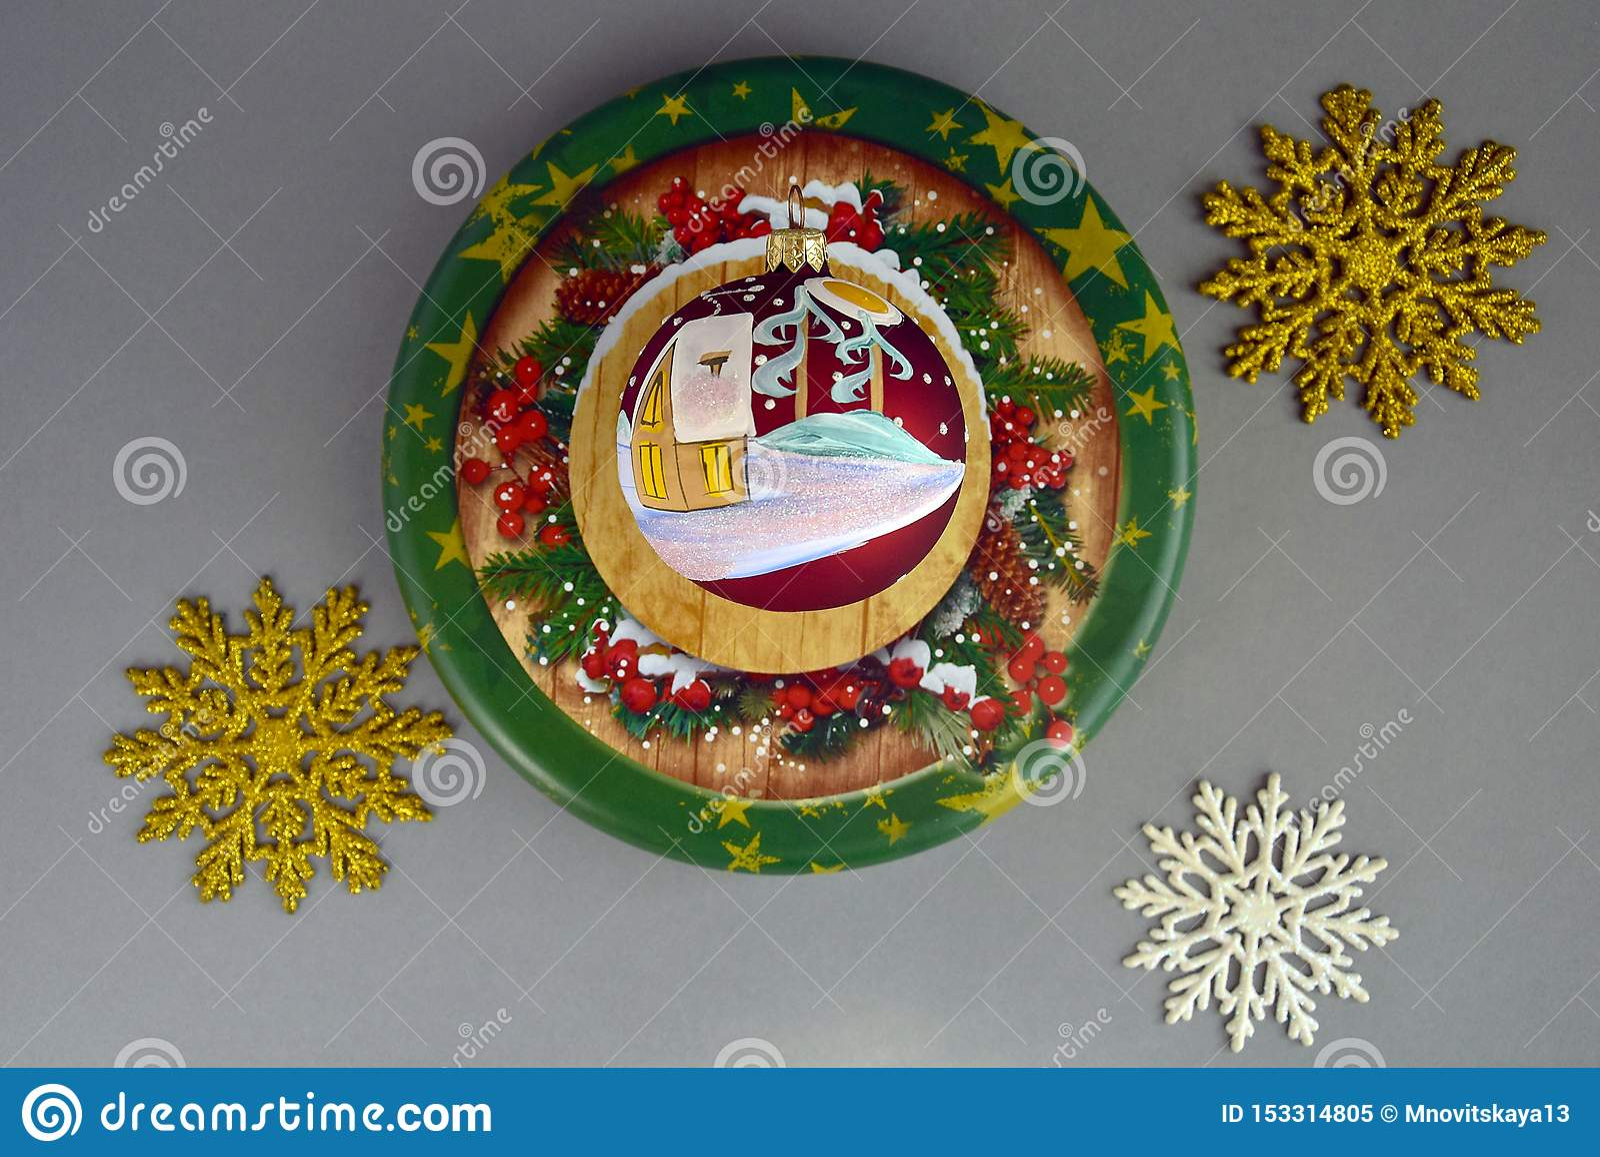 Composição do ano novo no fundo cinzento, Natal, inverno, conceito do feriado Bola do Natal com uma casa coberto de neve pintada